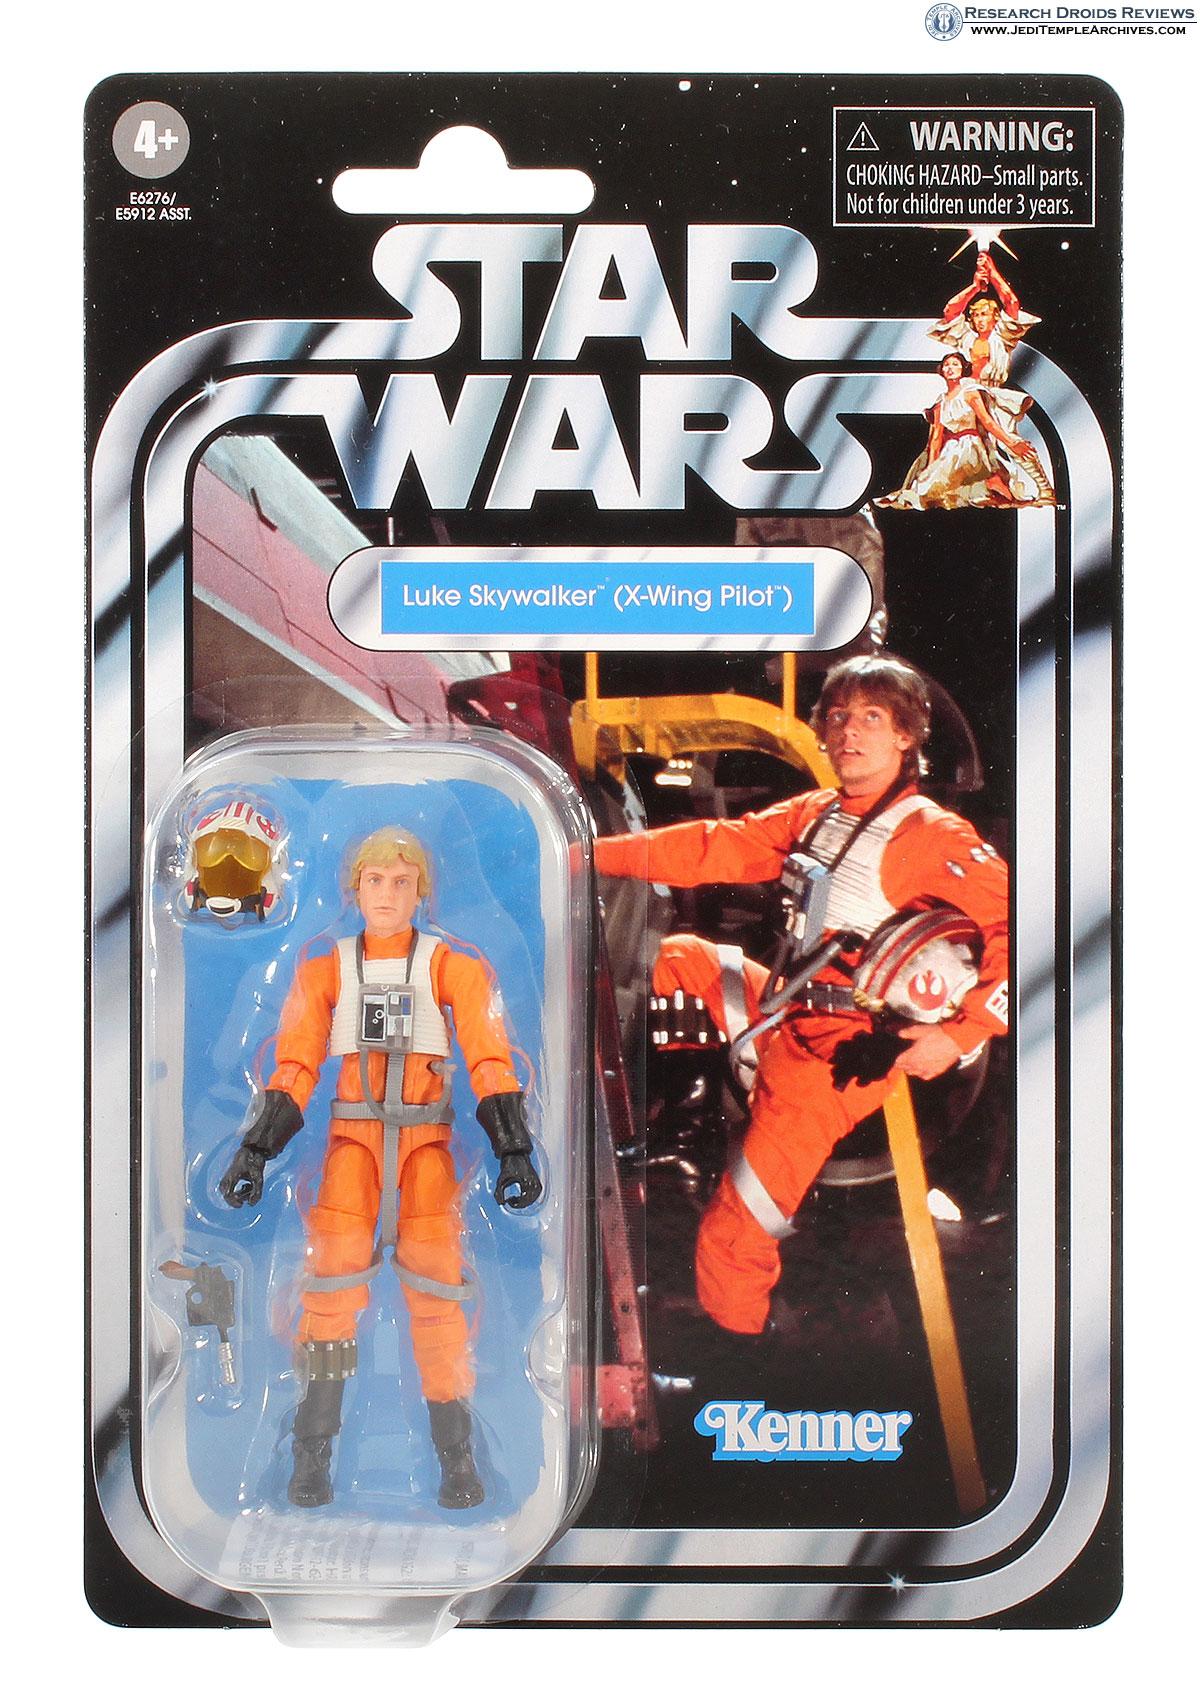 Luke Skywalker (X-Wing Pilot) -